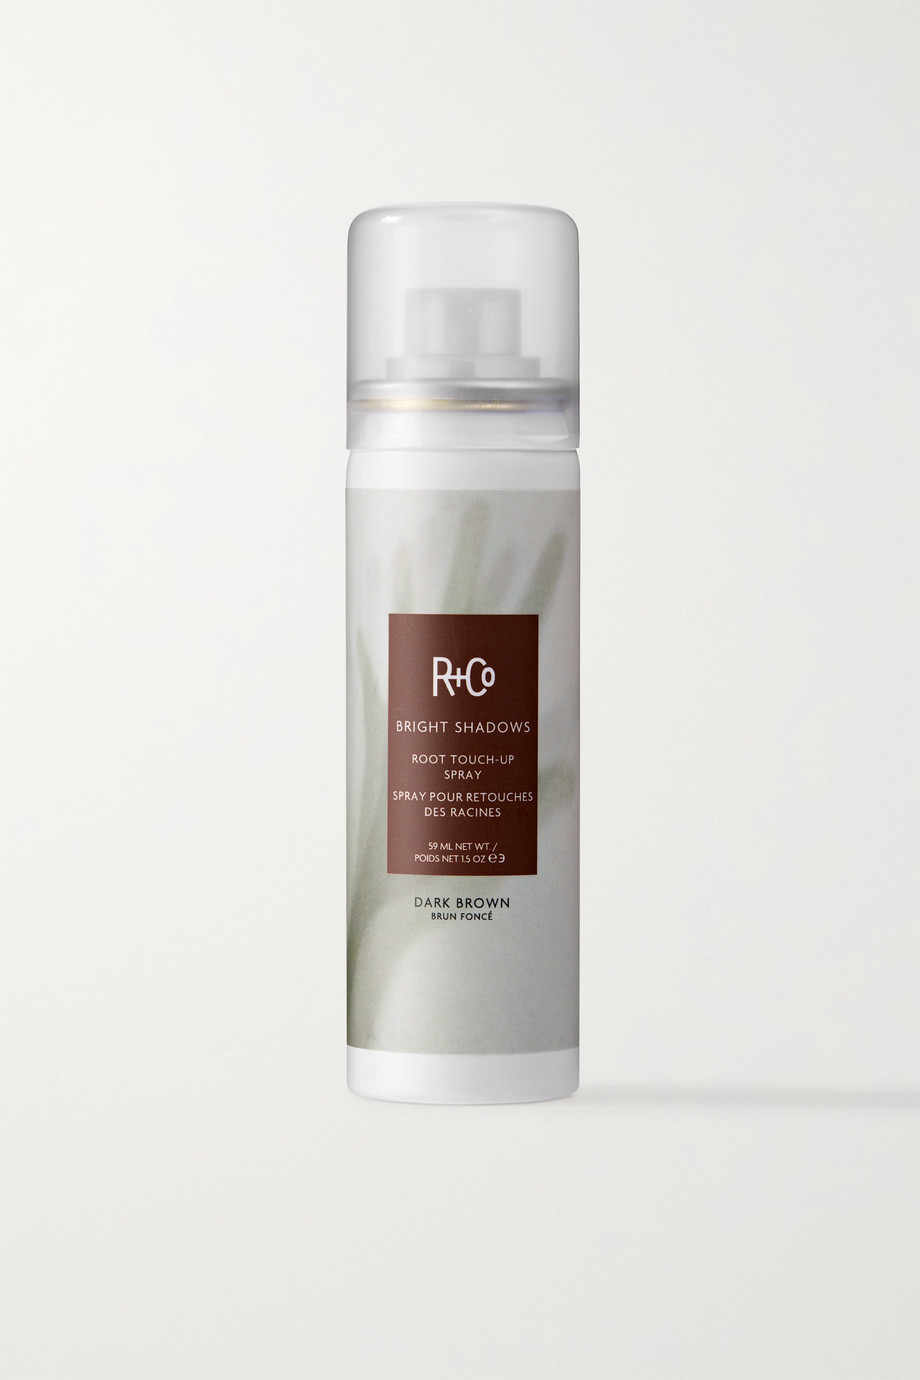 R+Co Bright Shadows Root Touch-Up Spray – Dark Brown, 59 ml – Ansatzspray